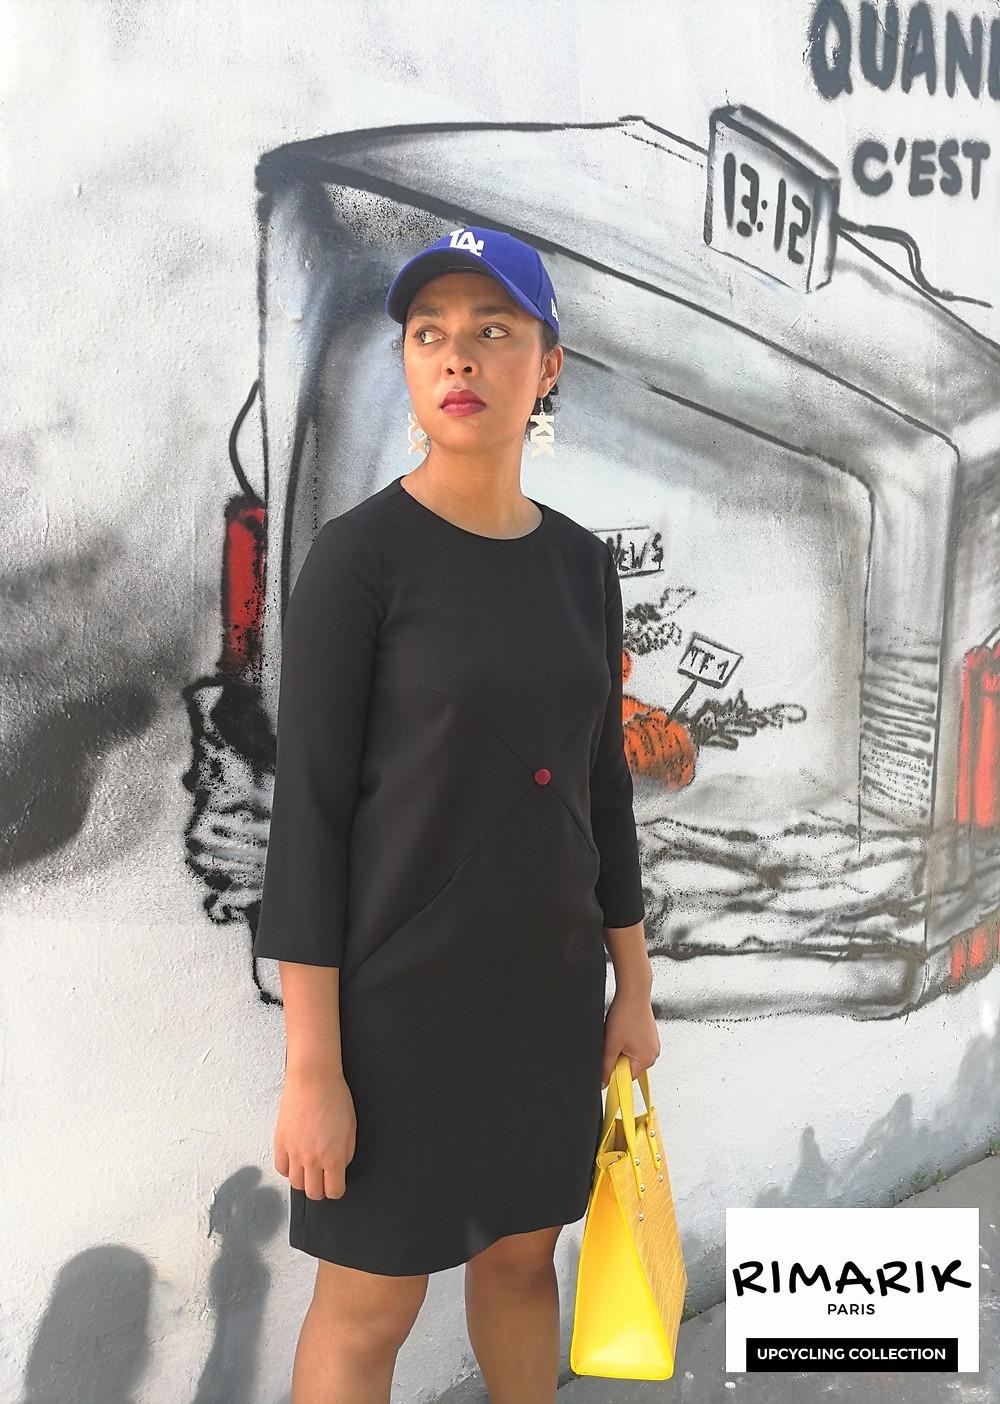 Robe upcyclée à Paris par Rimarik, la marque de Rima Chemirik